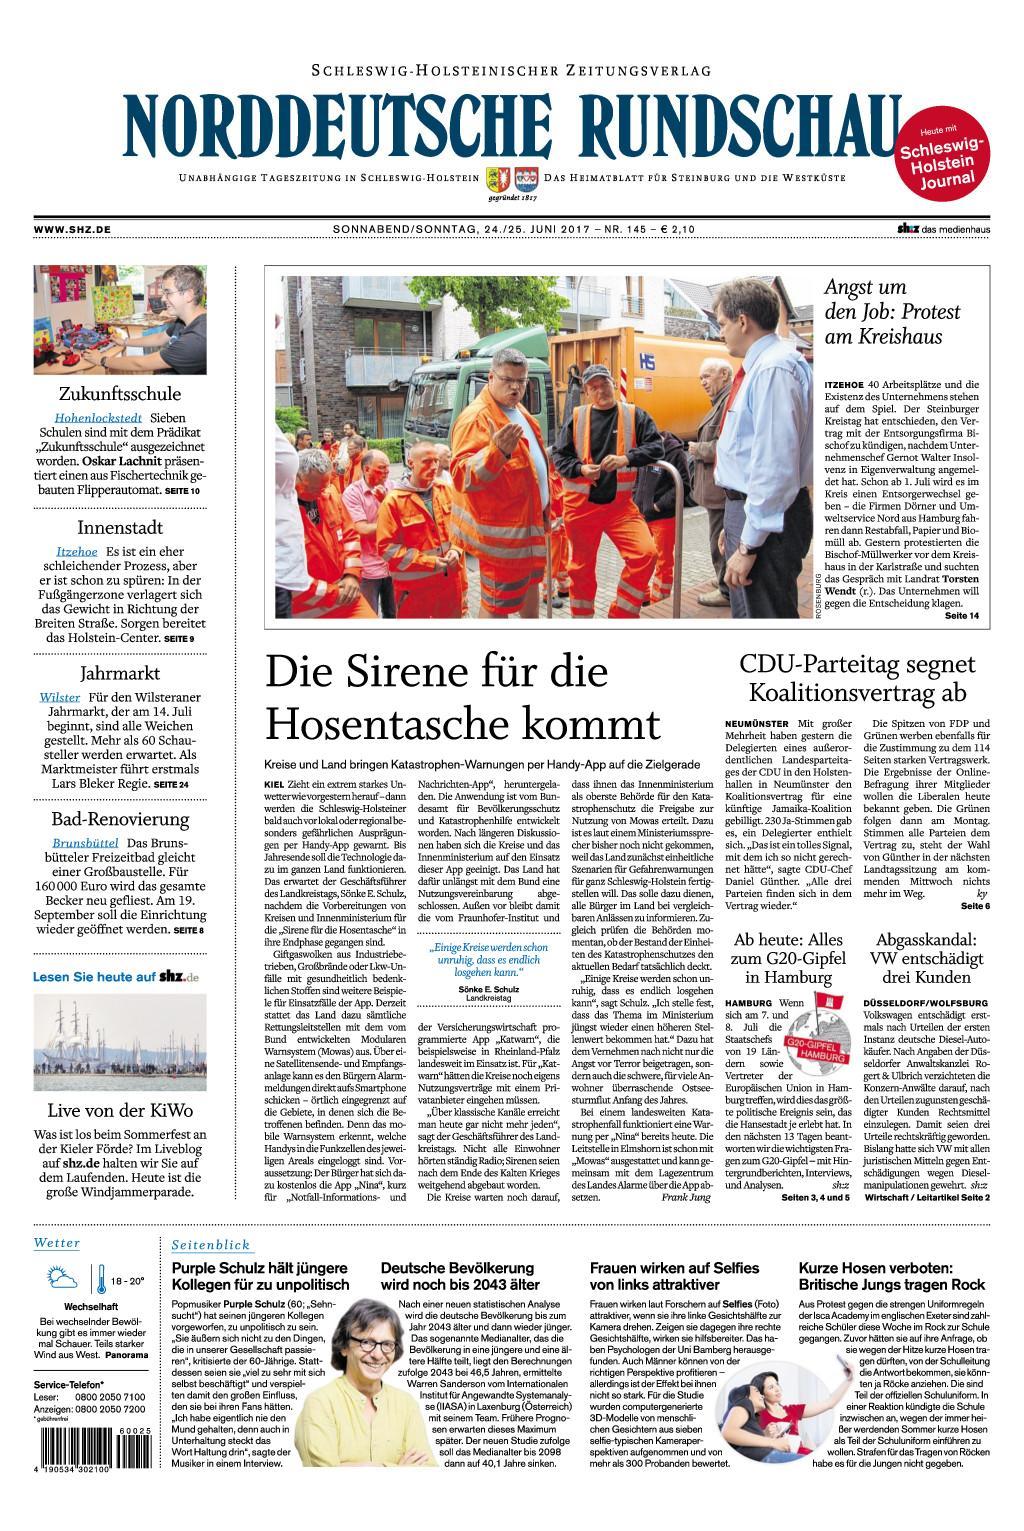 Nrrddeutsche Rundschau 24 Juni 2017